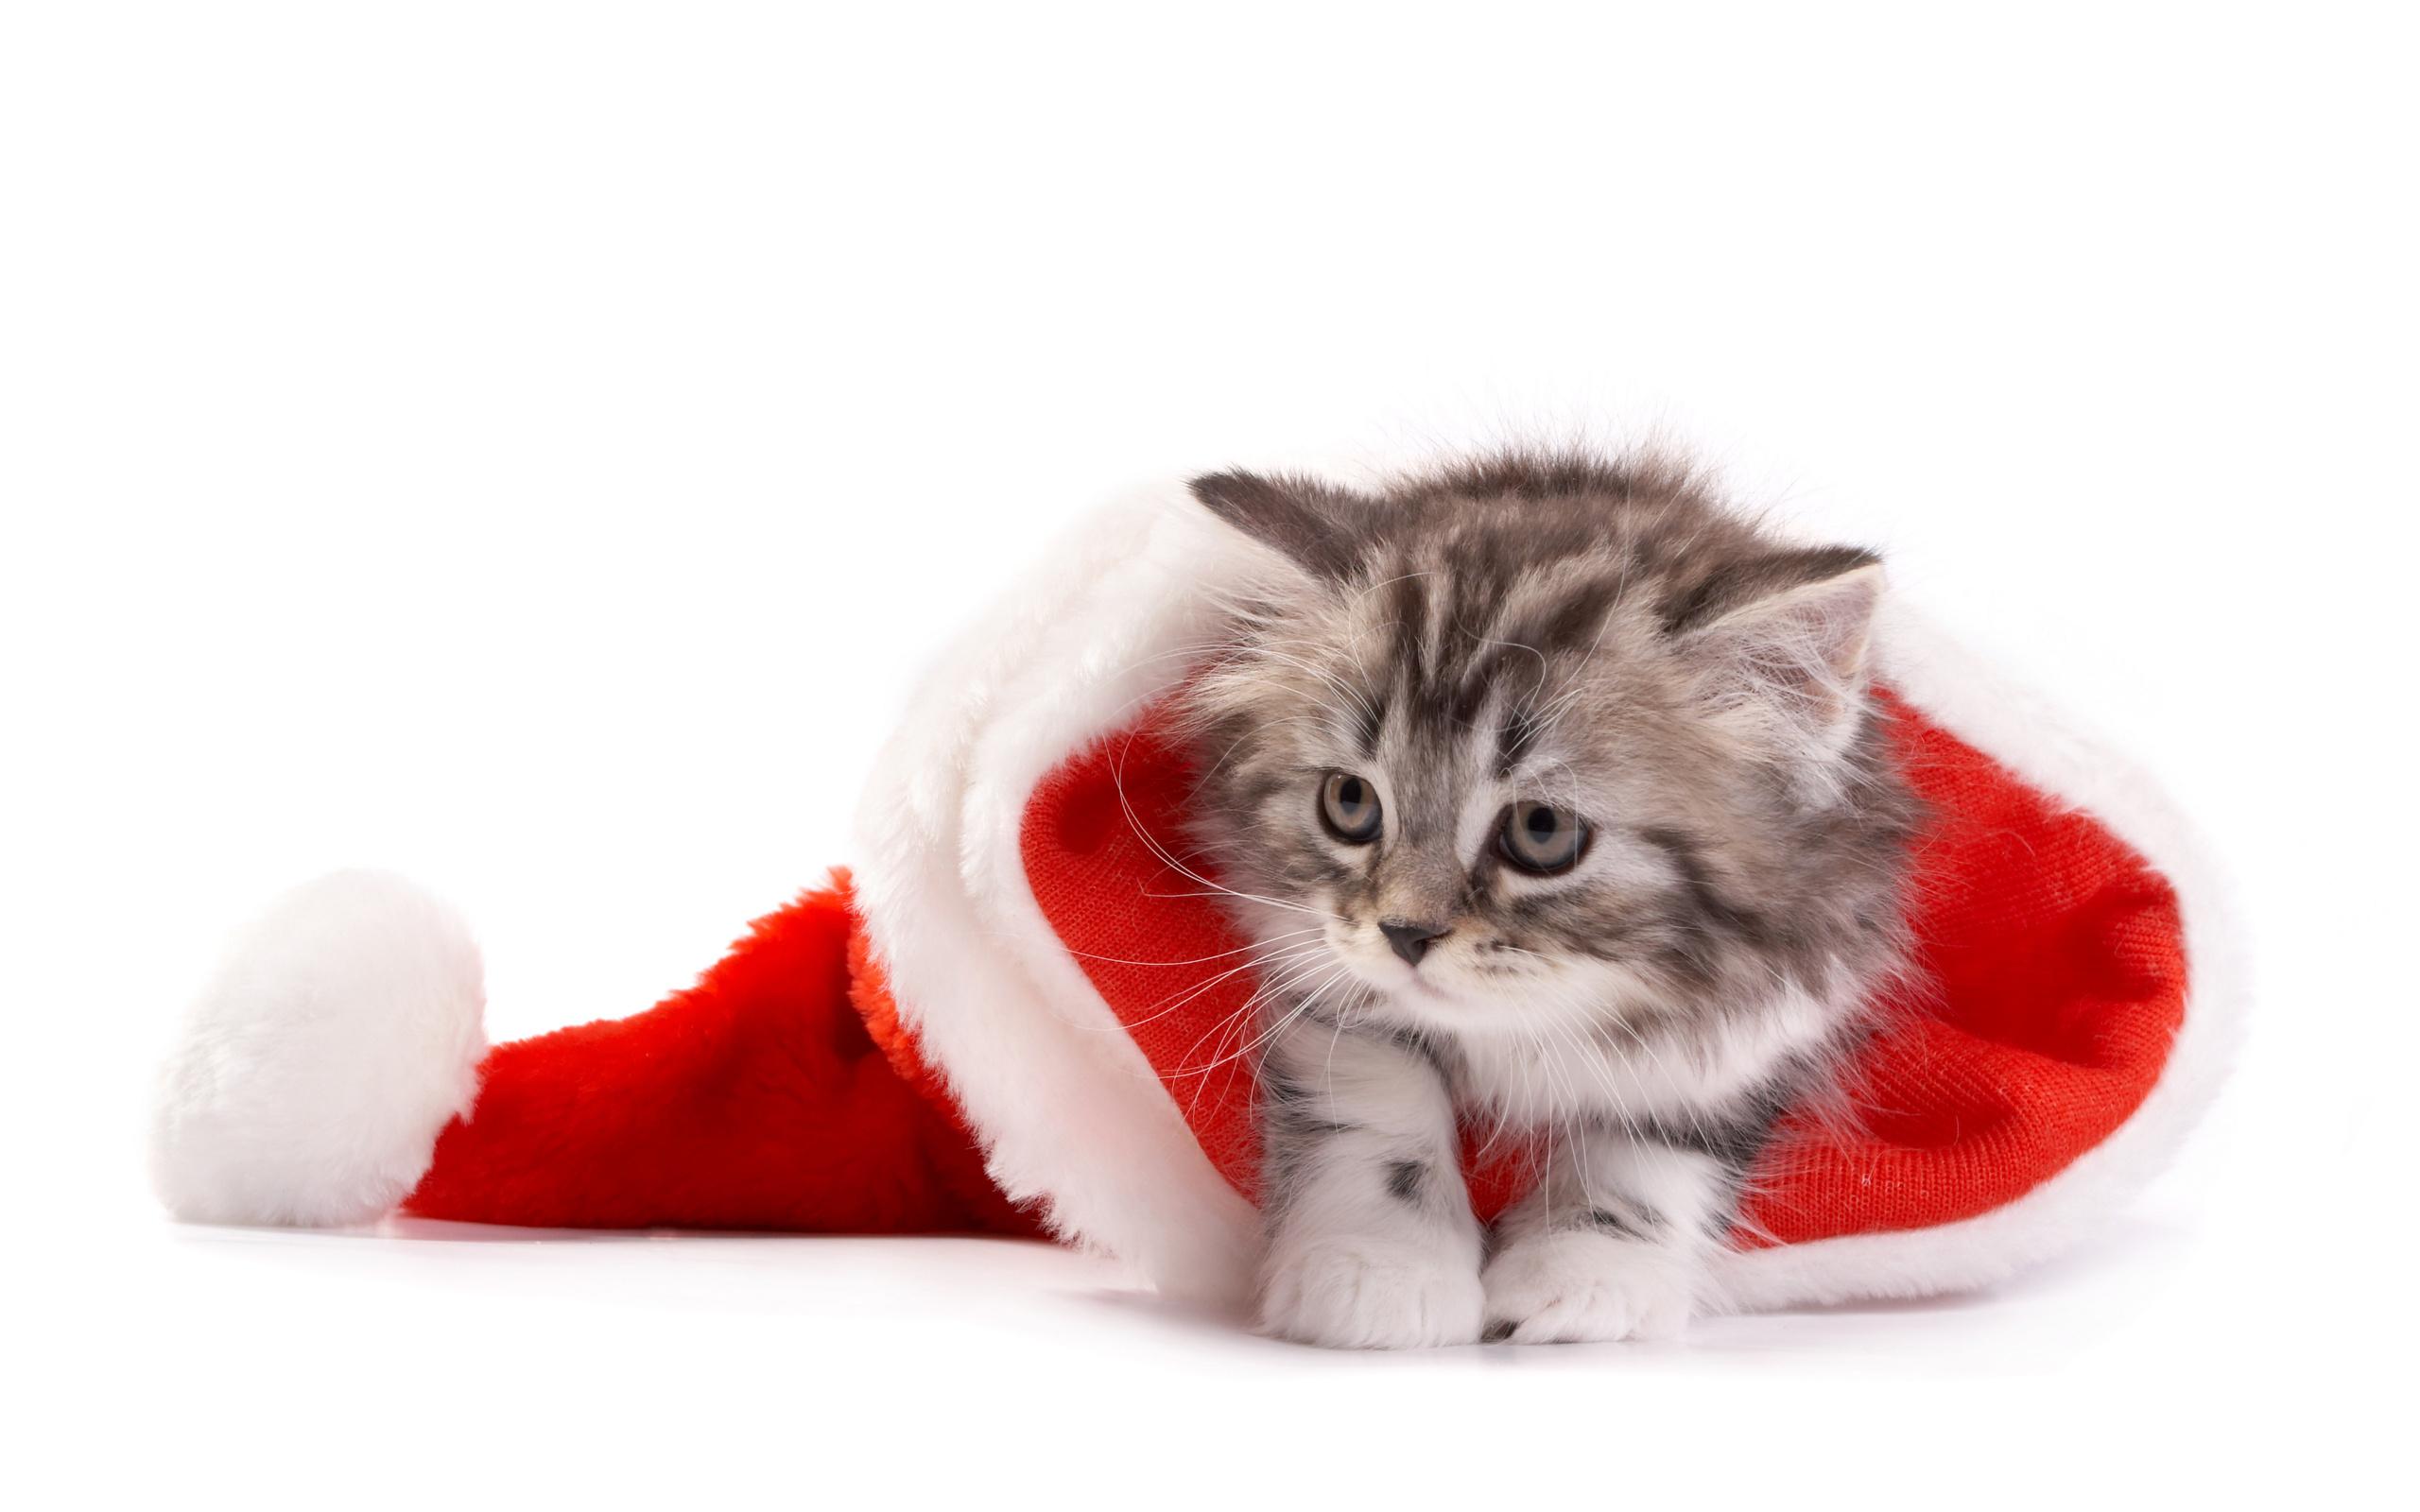 Кот под шапкой  № 3059199 бесплатно